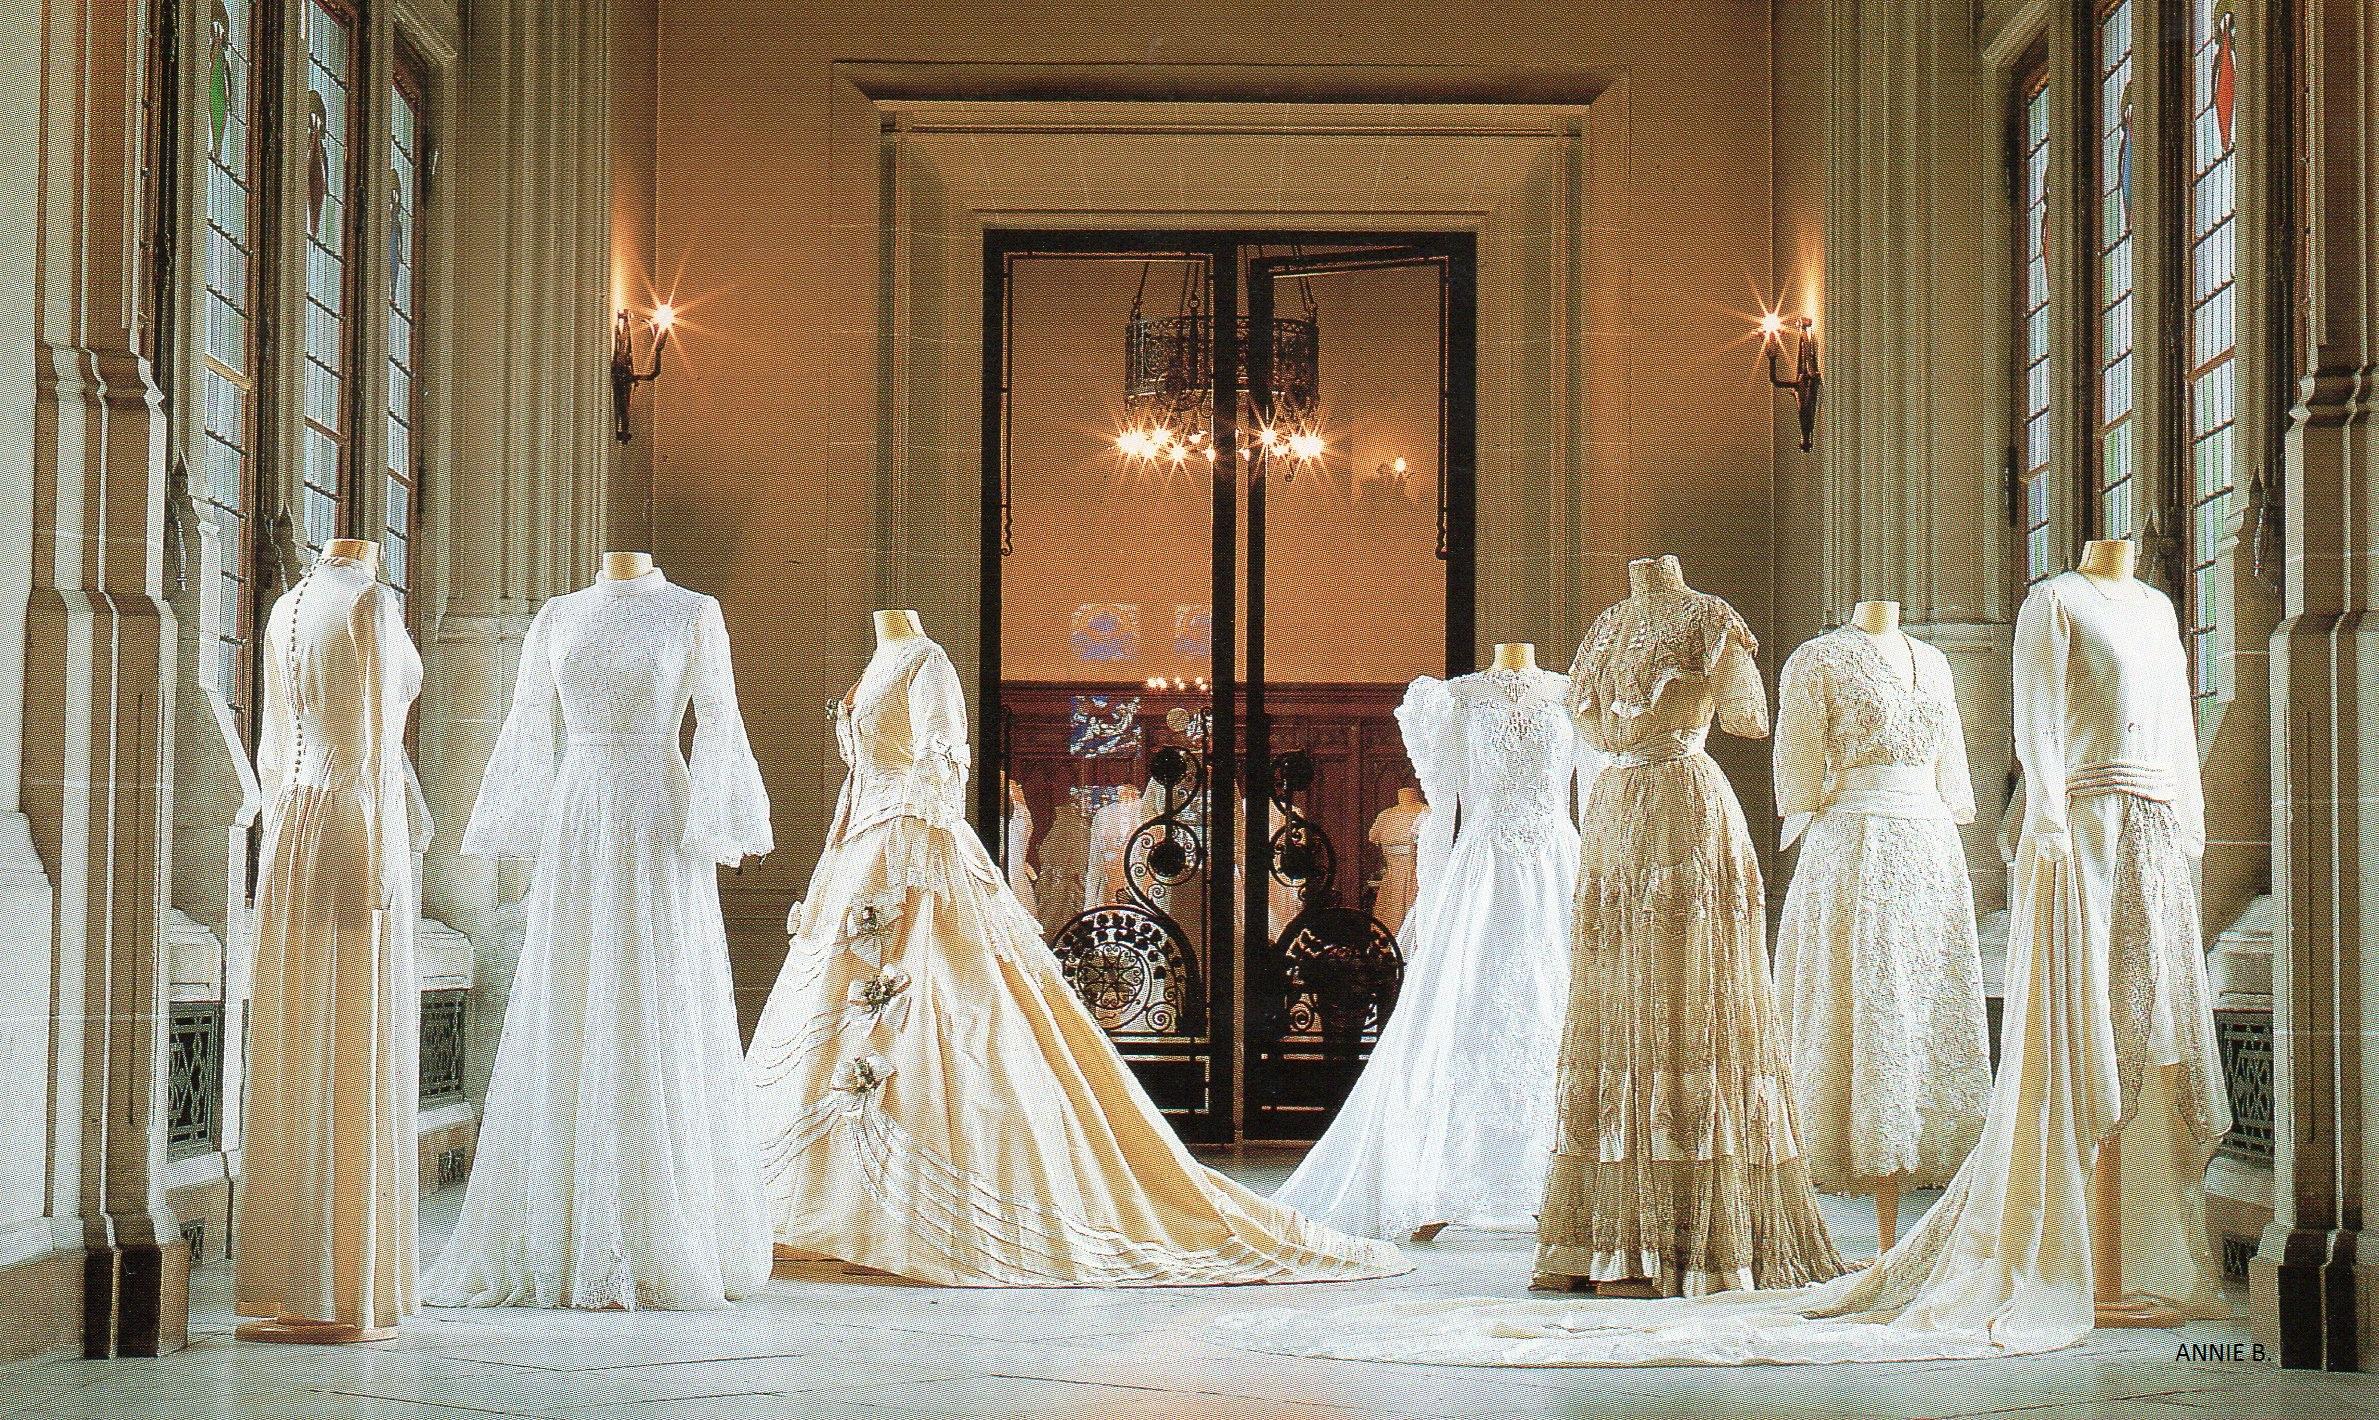 A la mairie de Calais en 1998, belle expo de robes de mariées en dentelle